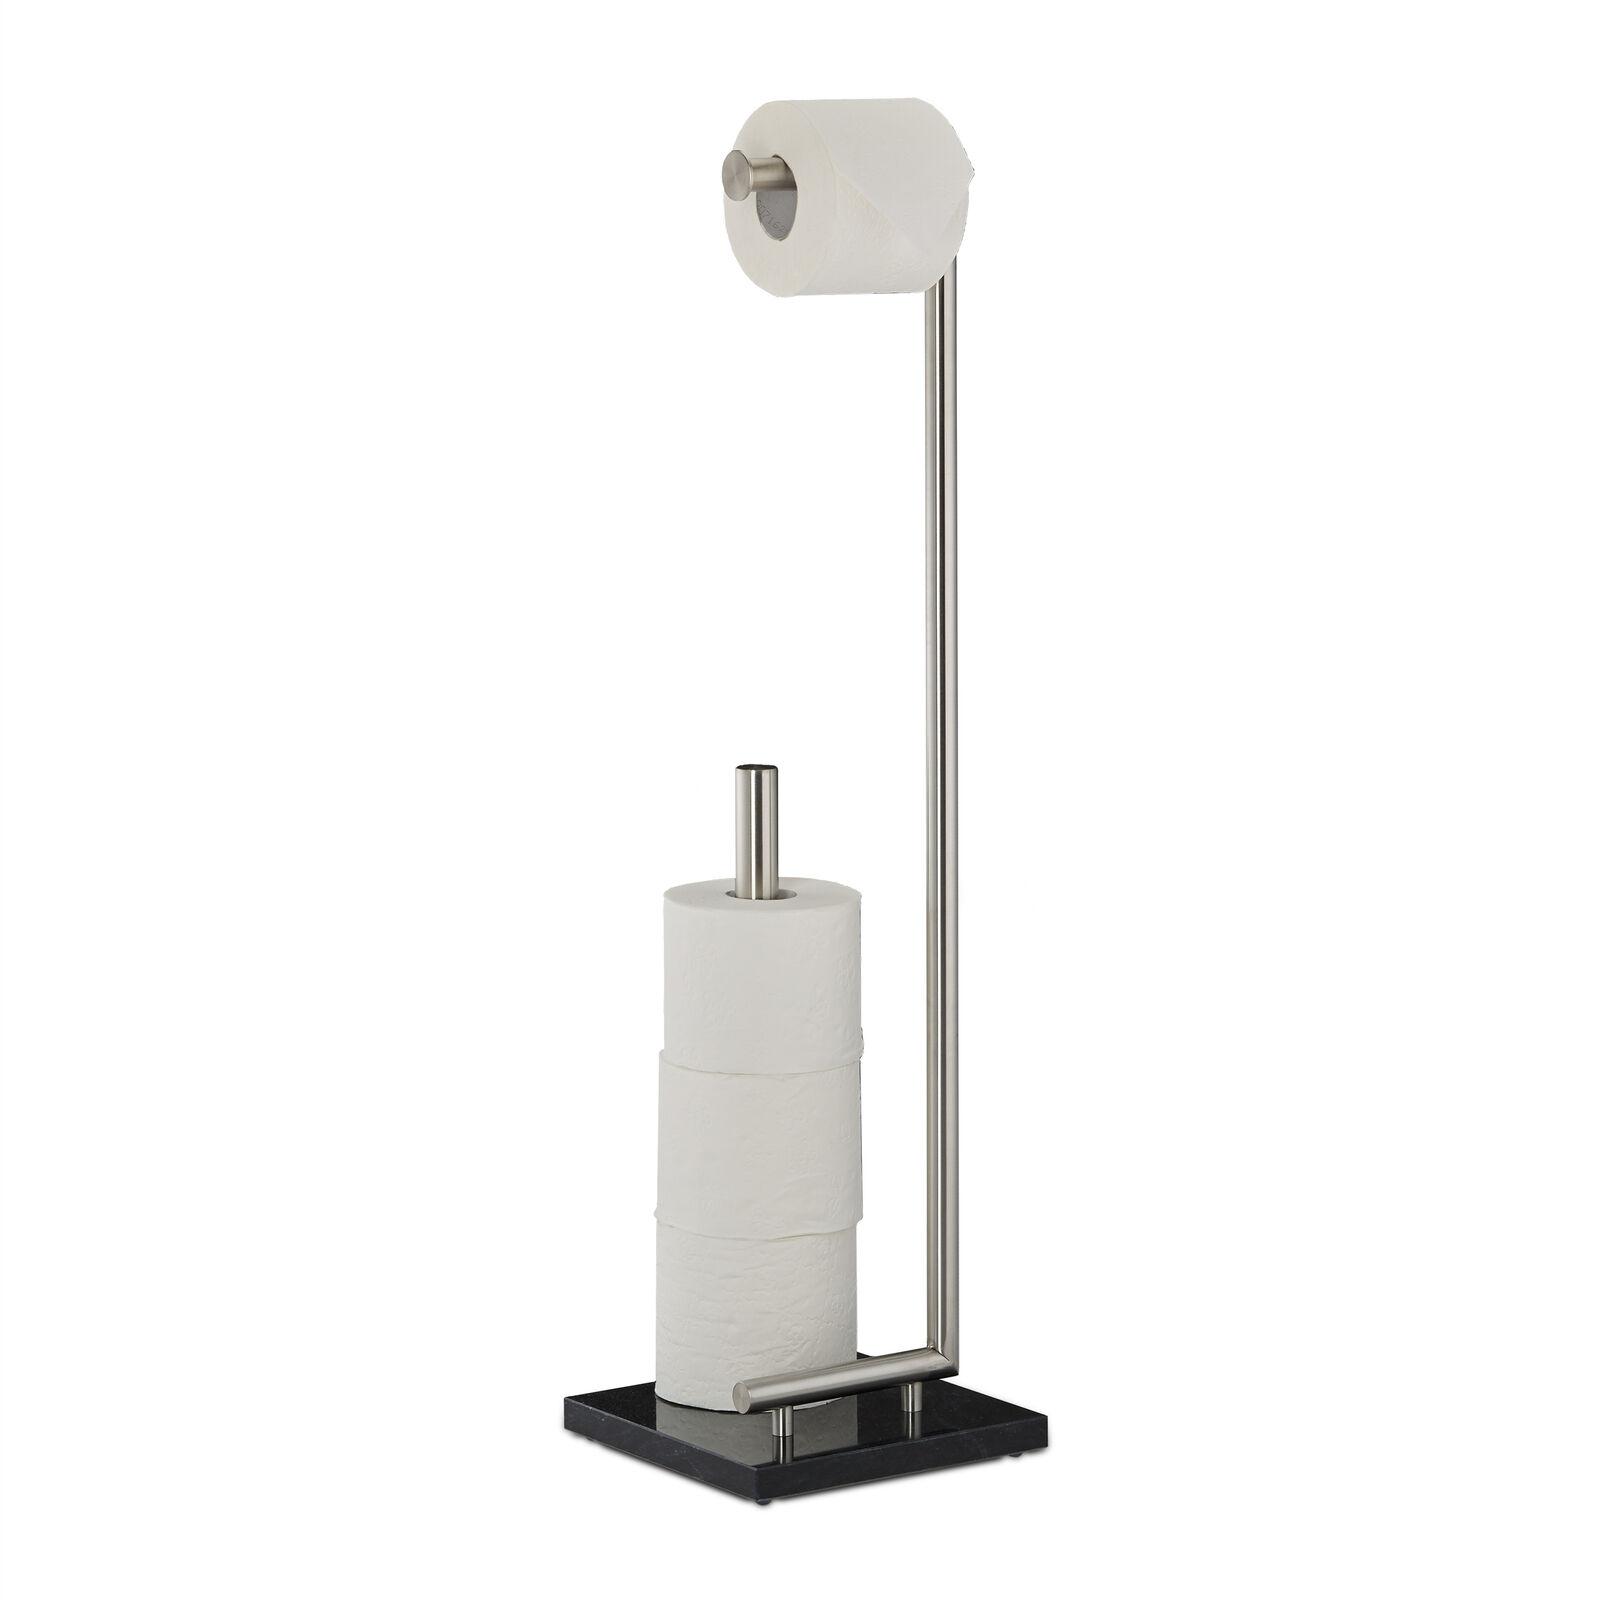 Toilettenpapierhalter PIERRE KlGoldllenhalter Klopapierhalter freistehend Marmor